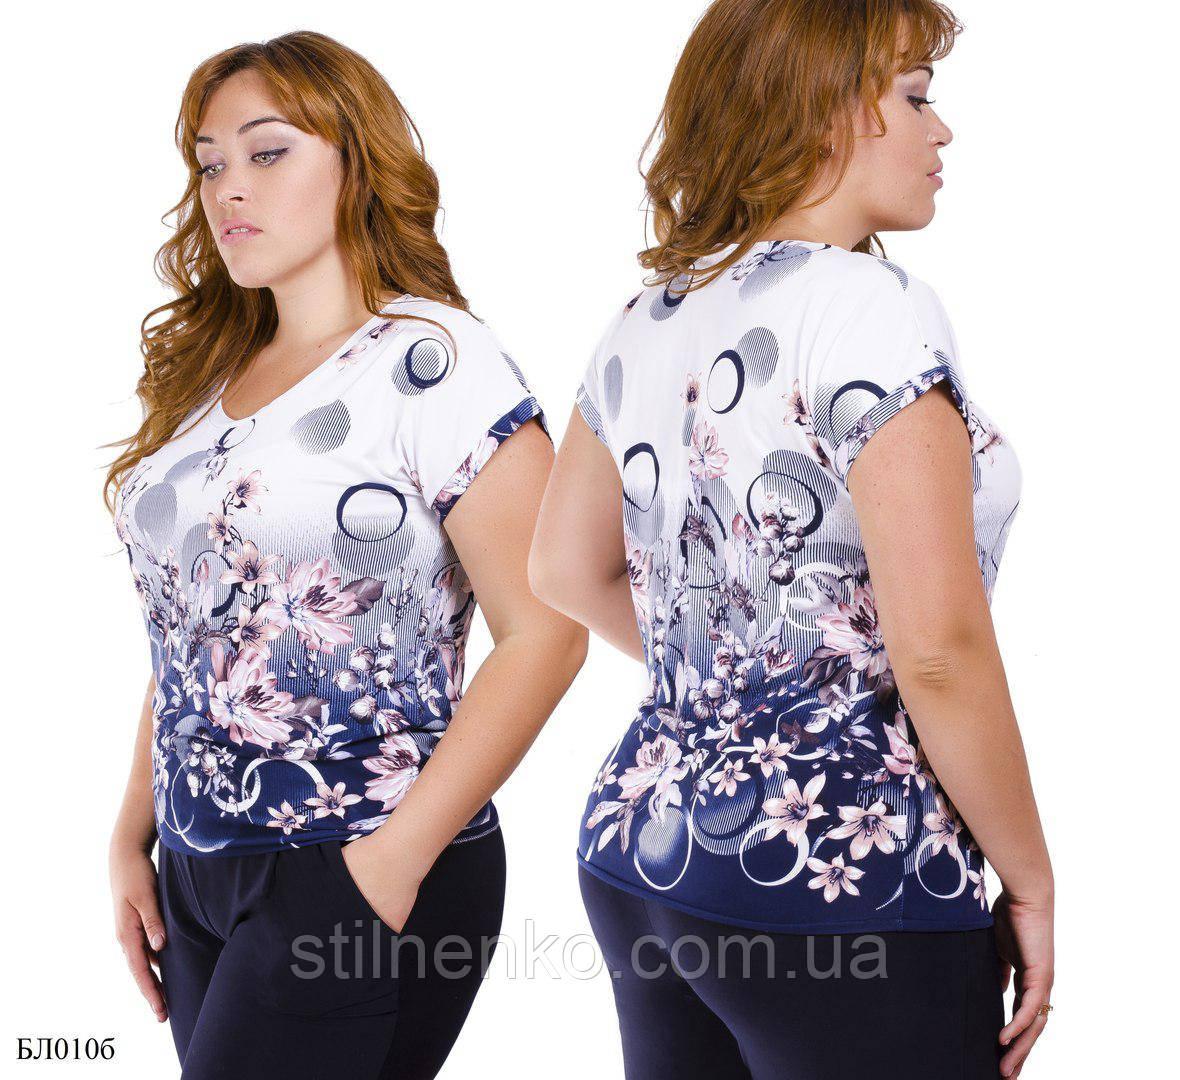 Блуза женская  летняя модель БЛ010б